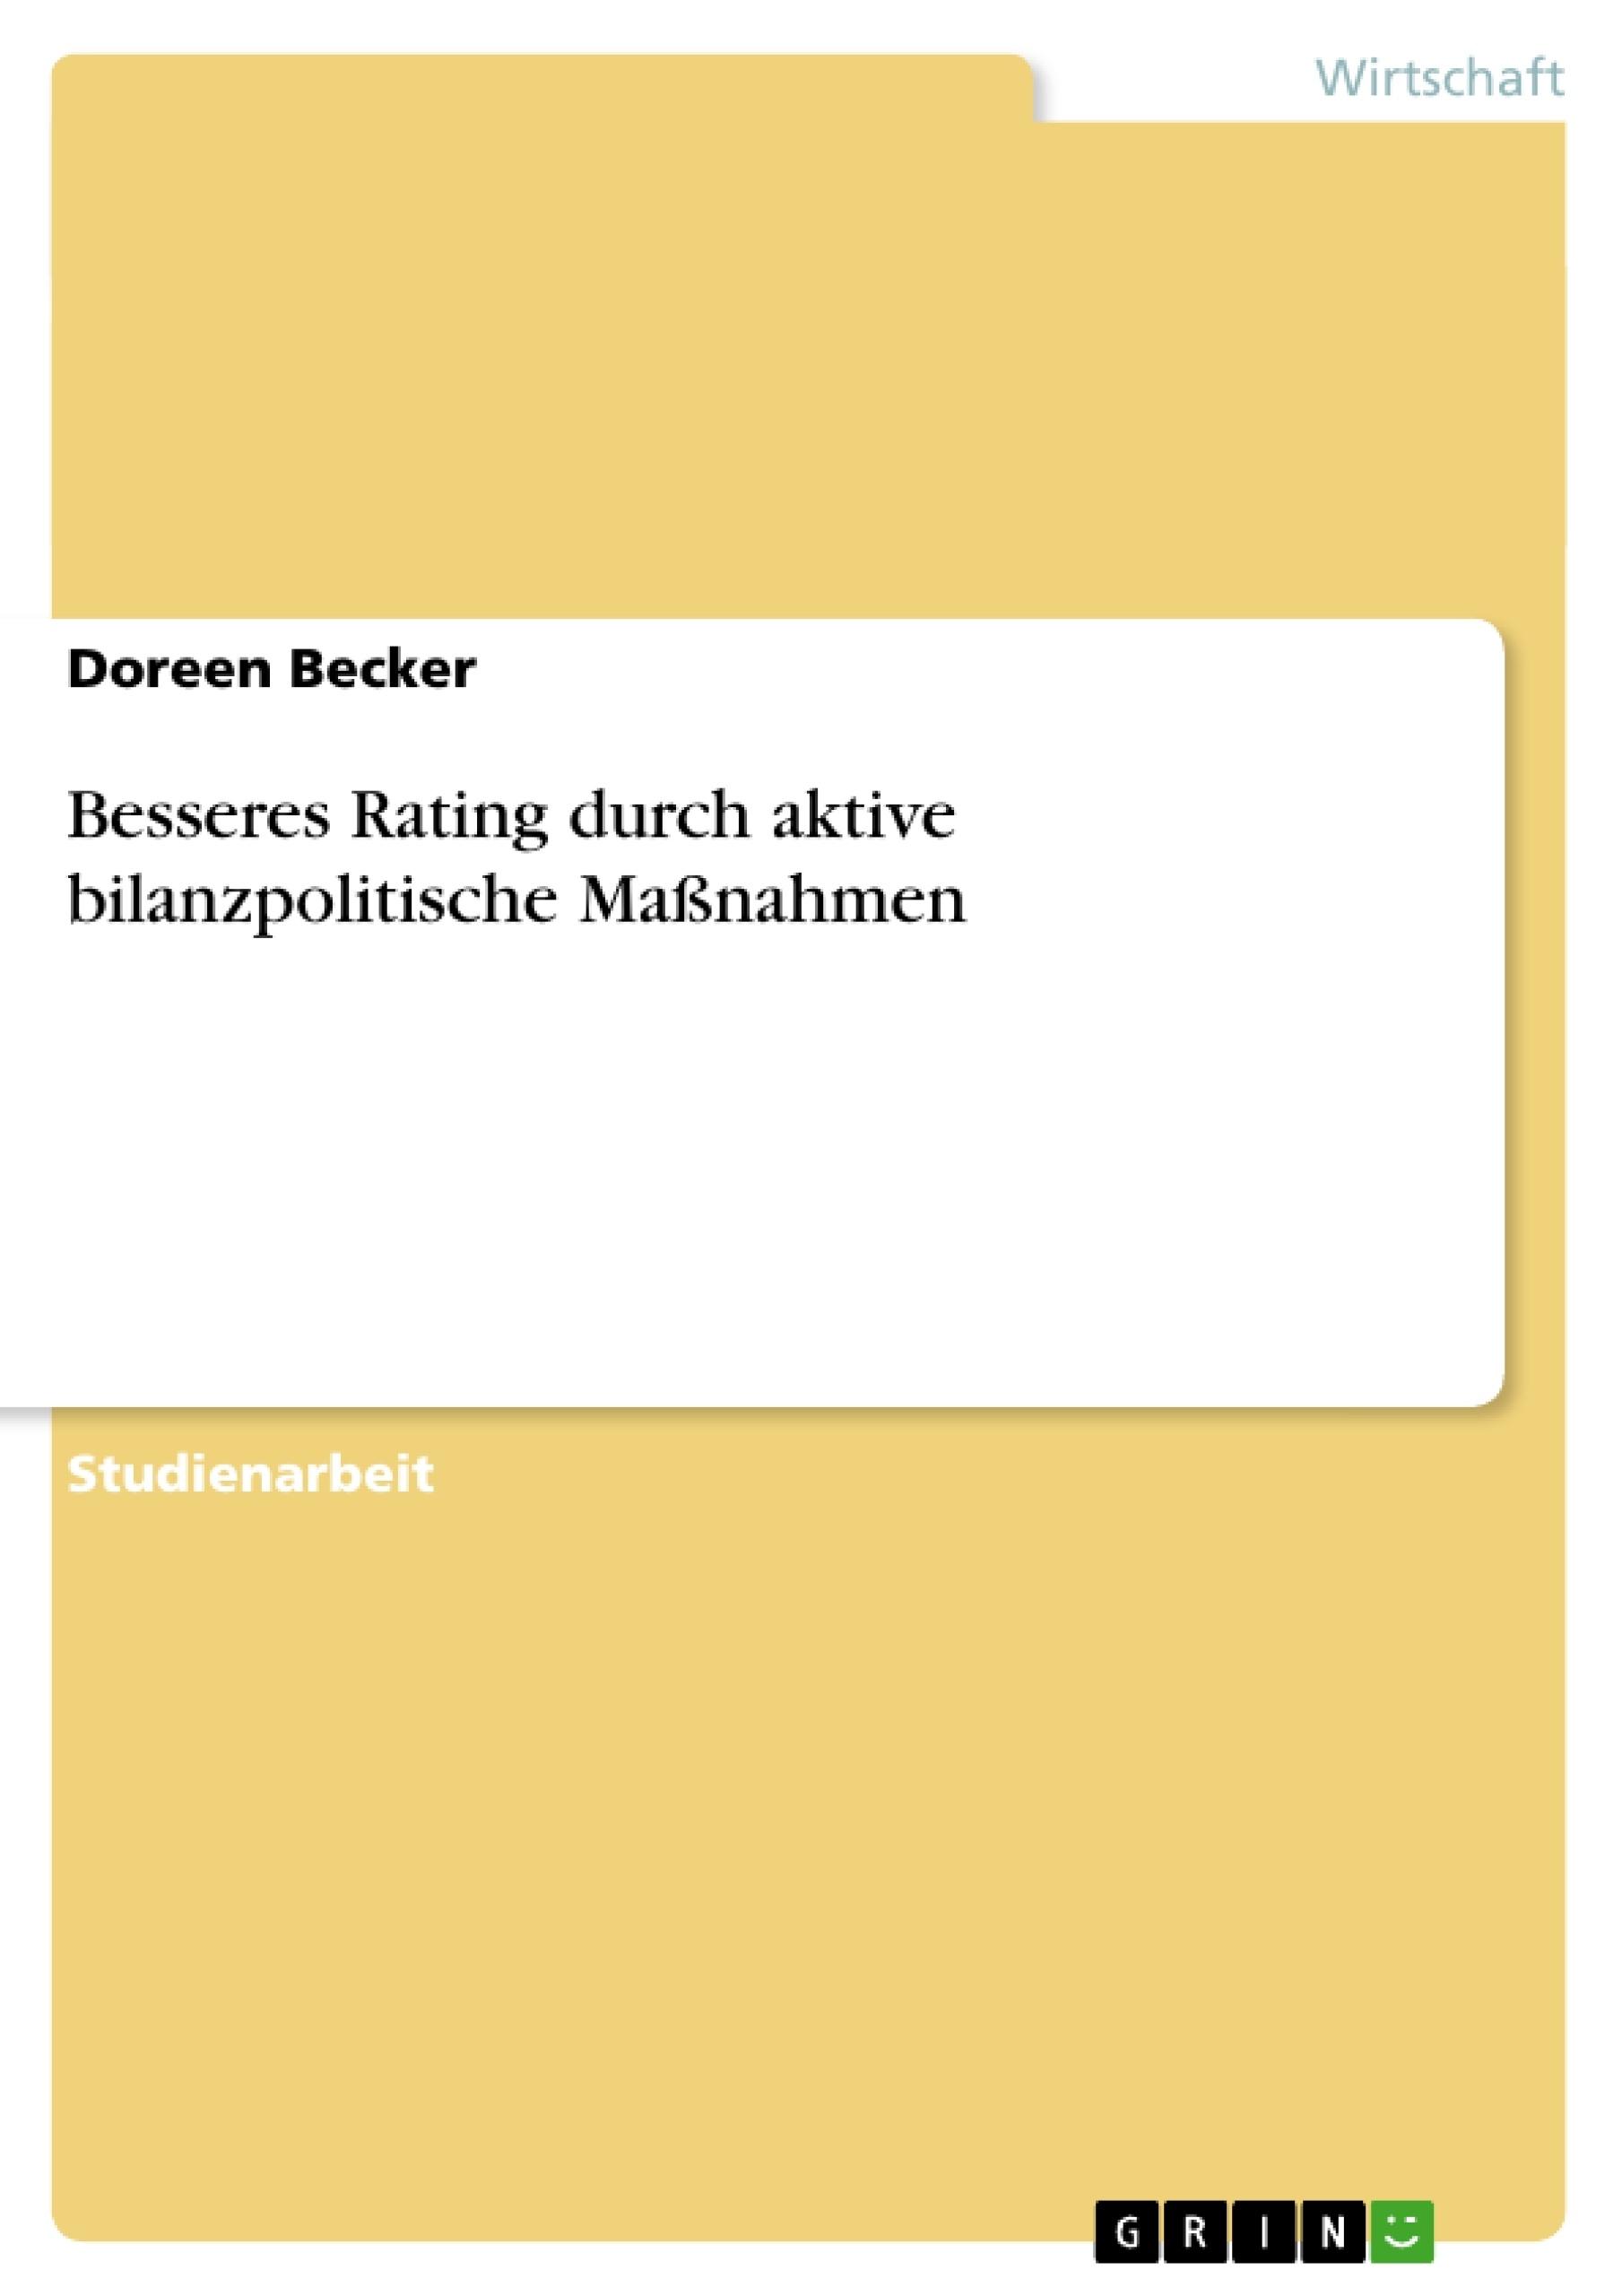 Titel: Besseres Rating durch aktive bilanzpolitische Maßnahmen